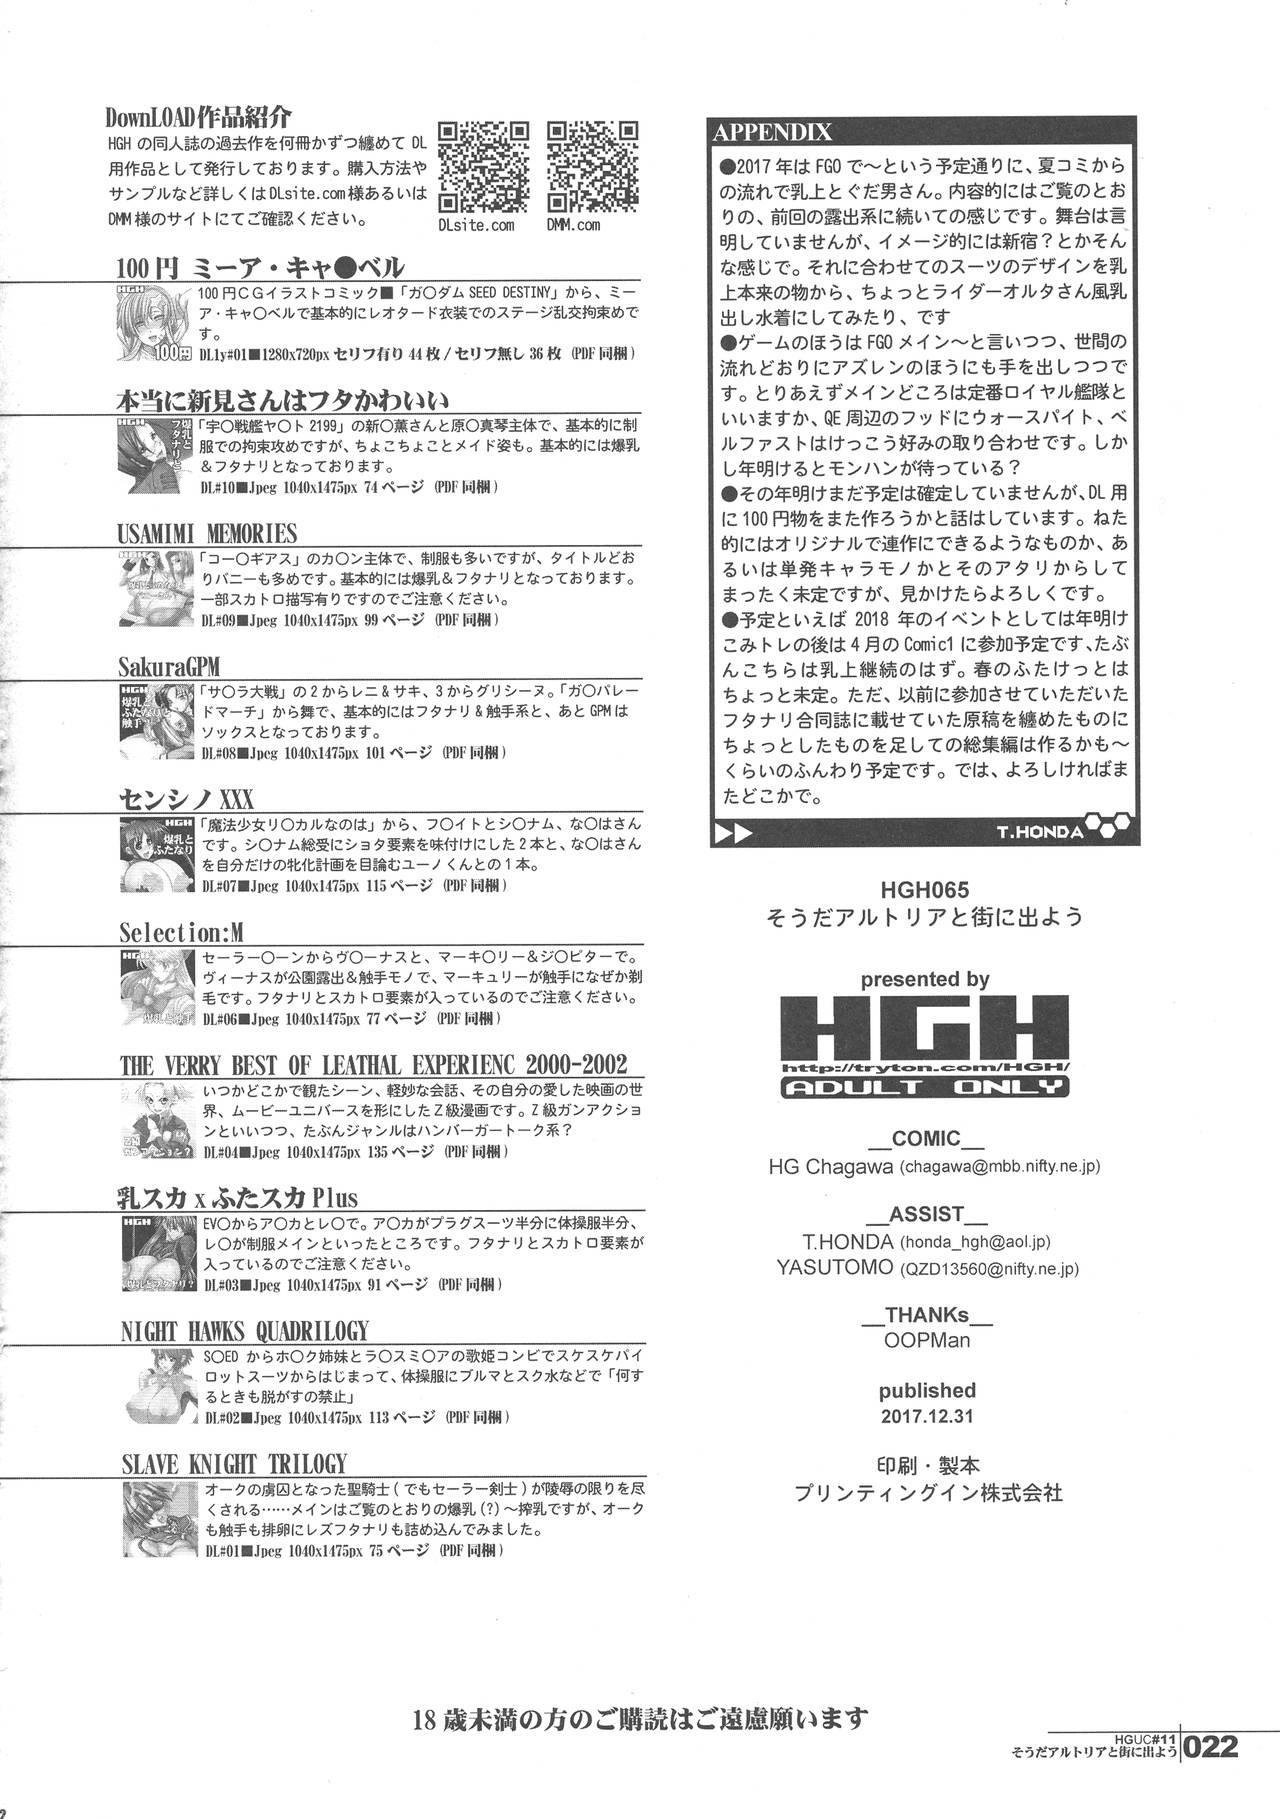 HGUC# 11-Souda Altria to Machi e deyou... Soshite Rojiura ni Hairou 21